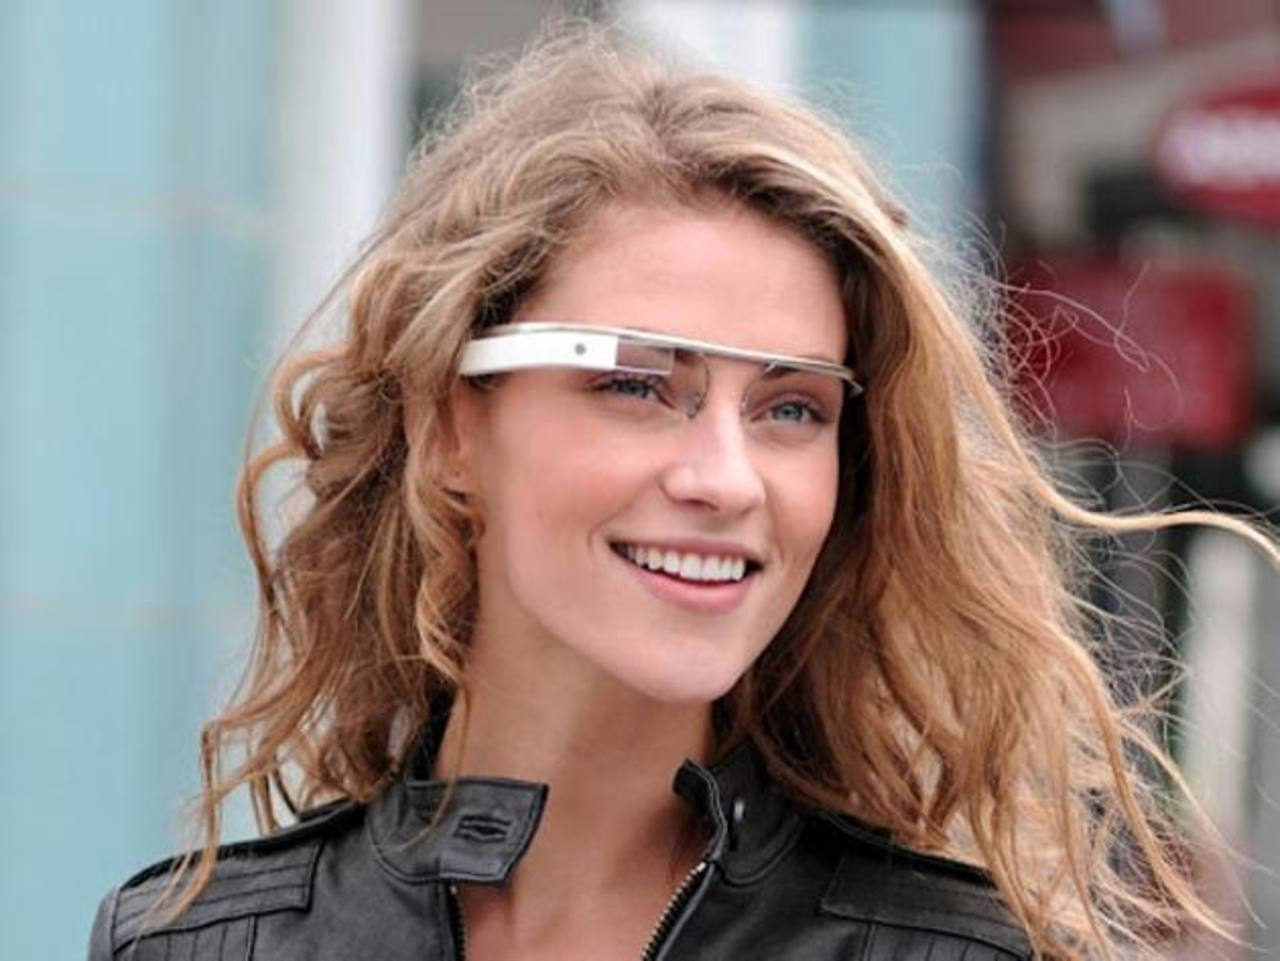 Las gafas de Google son aún un proyecto que se encuentra en manos de desarrolladores y no han llegado al público.